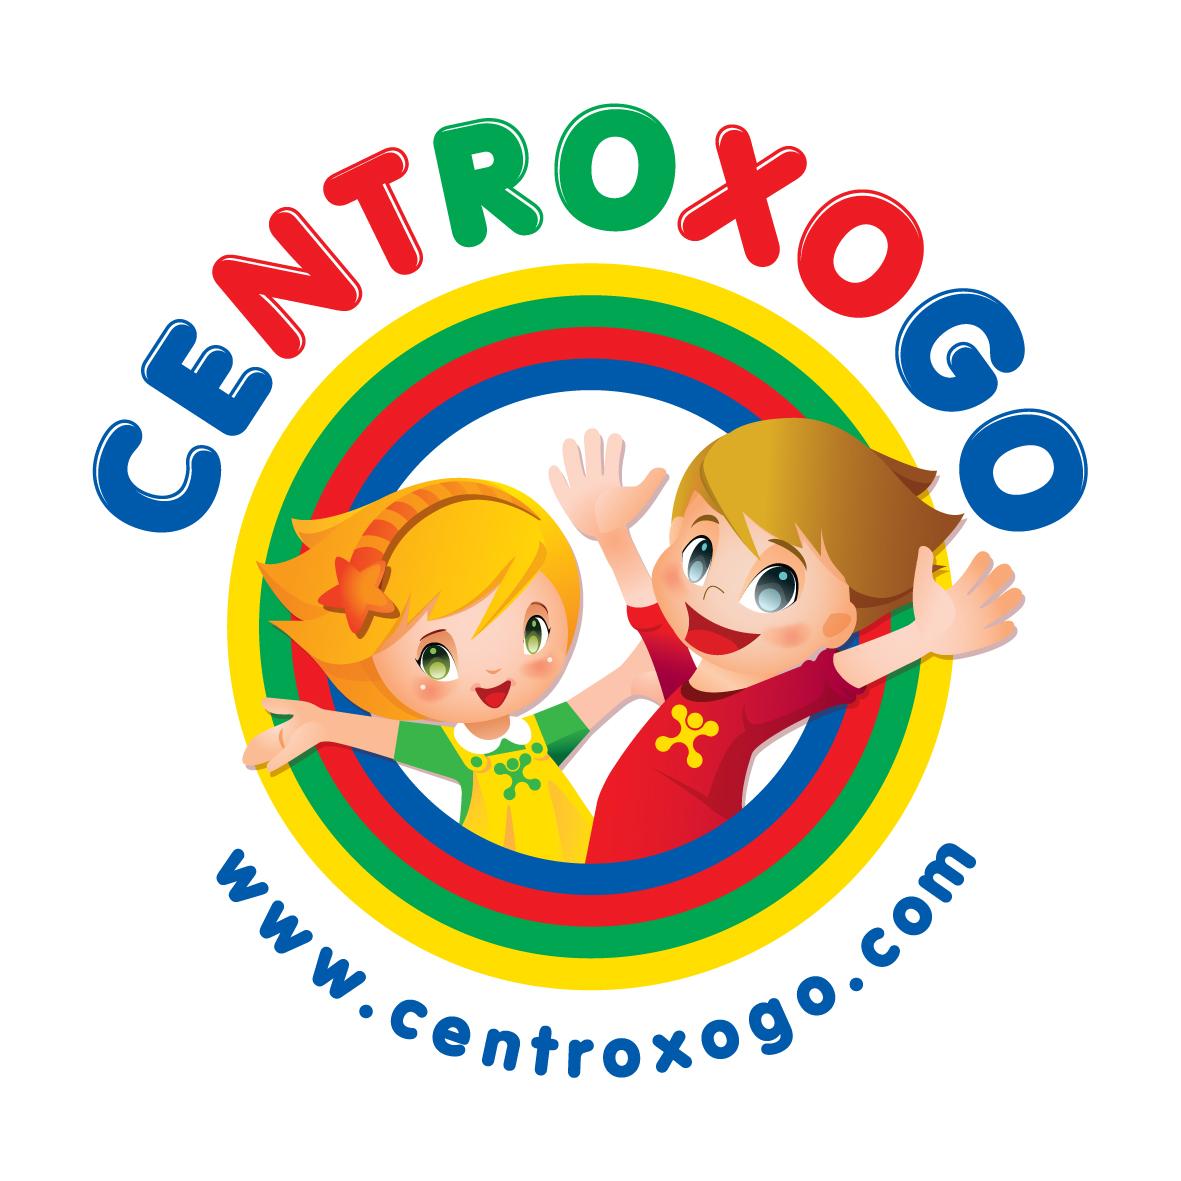 Centroxogo blog